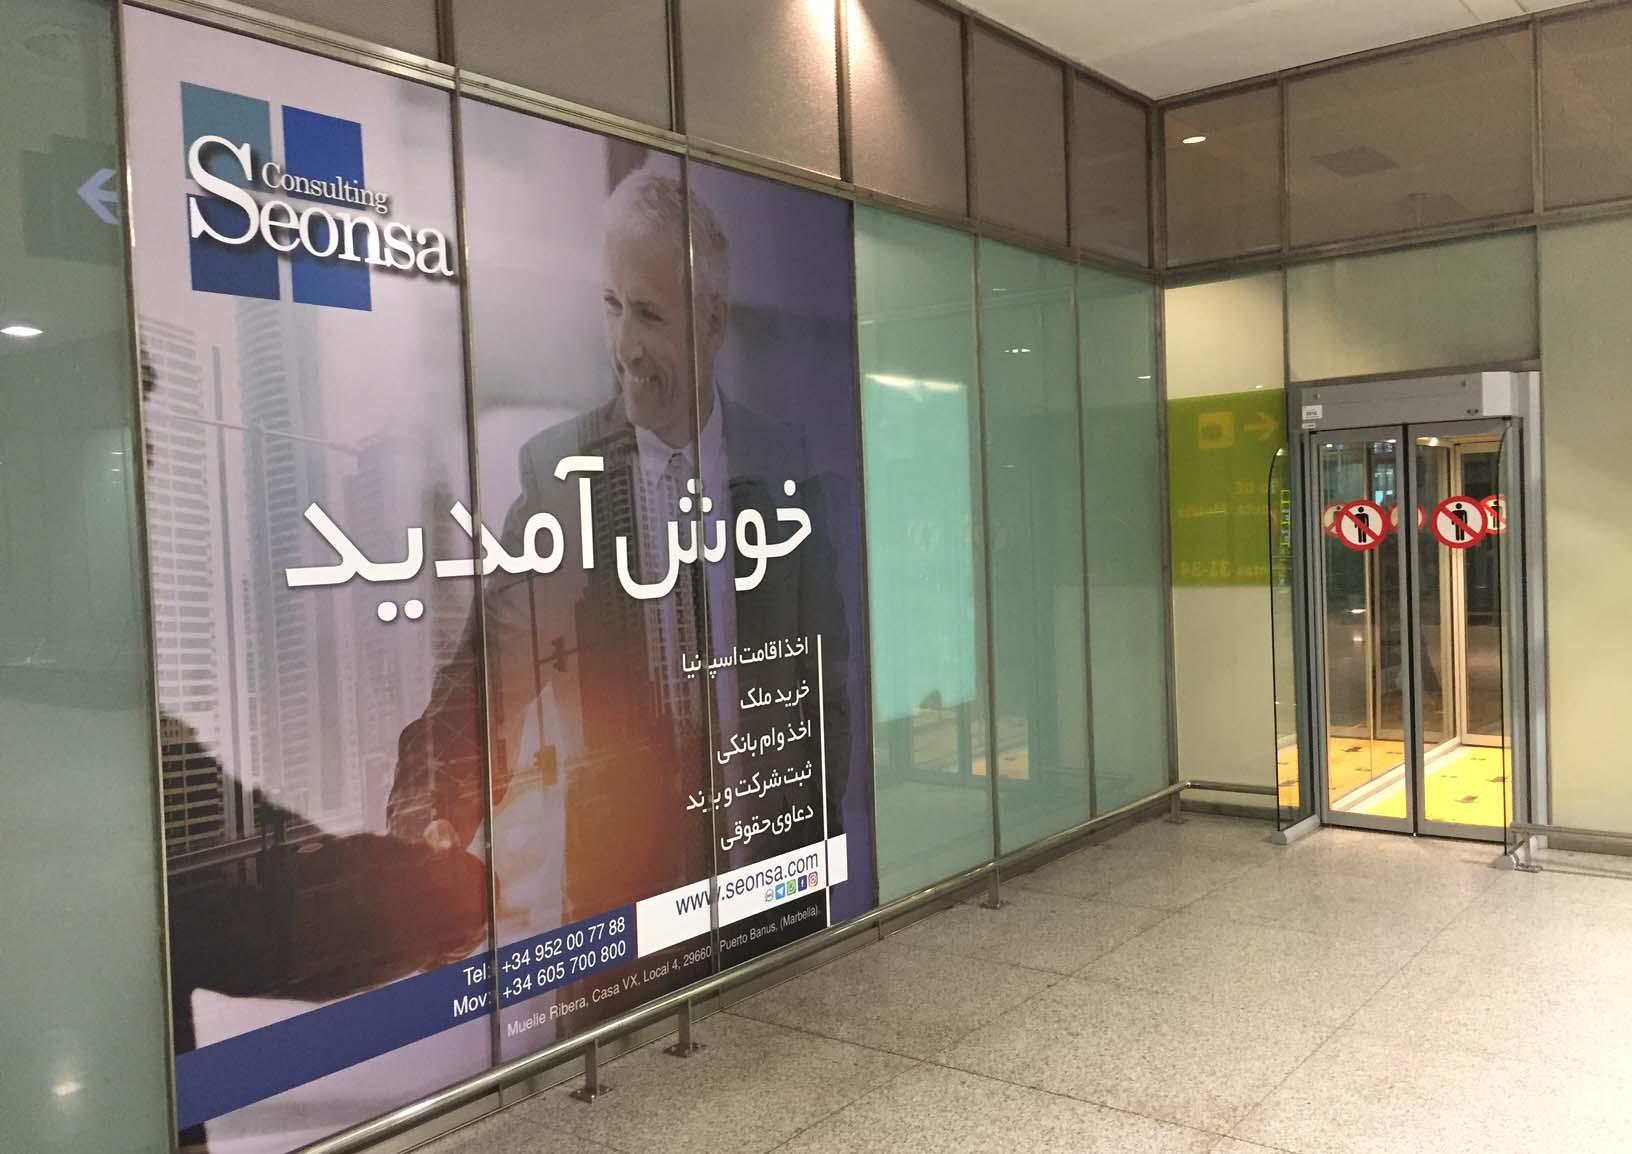 Publicidad en Aeropuerto Seonsa- por Anpublicidad Fuengirola